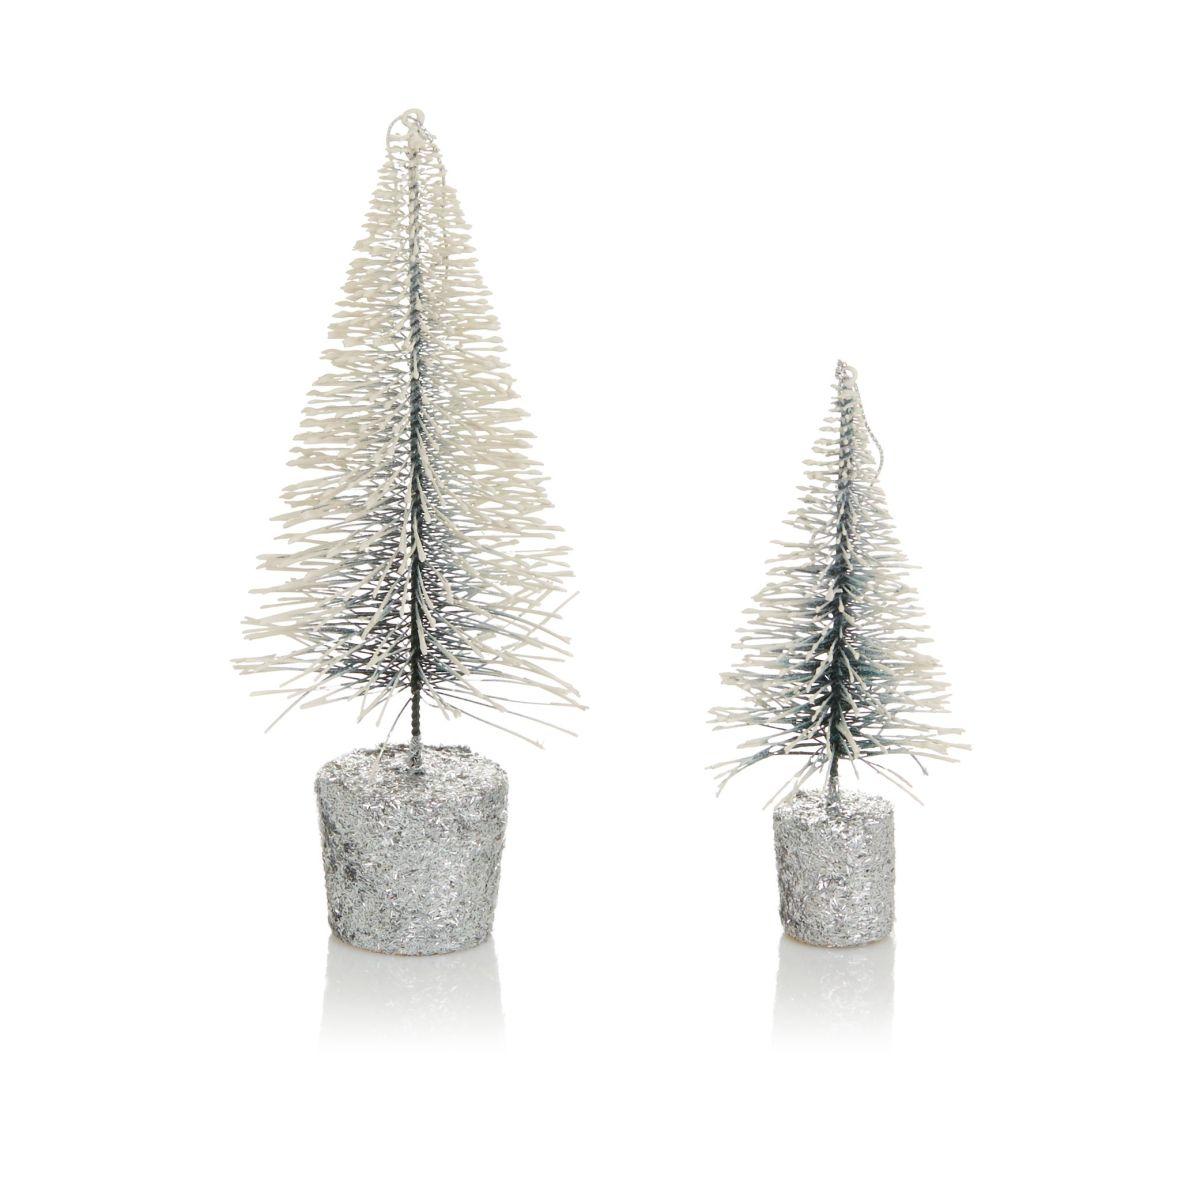 deko ideen tannenbaum die neueste innovation der innenarchitektur und m bel. Black Bedroom Furniture Sets. Home Design Ideas